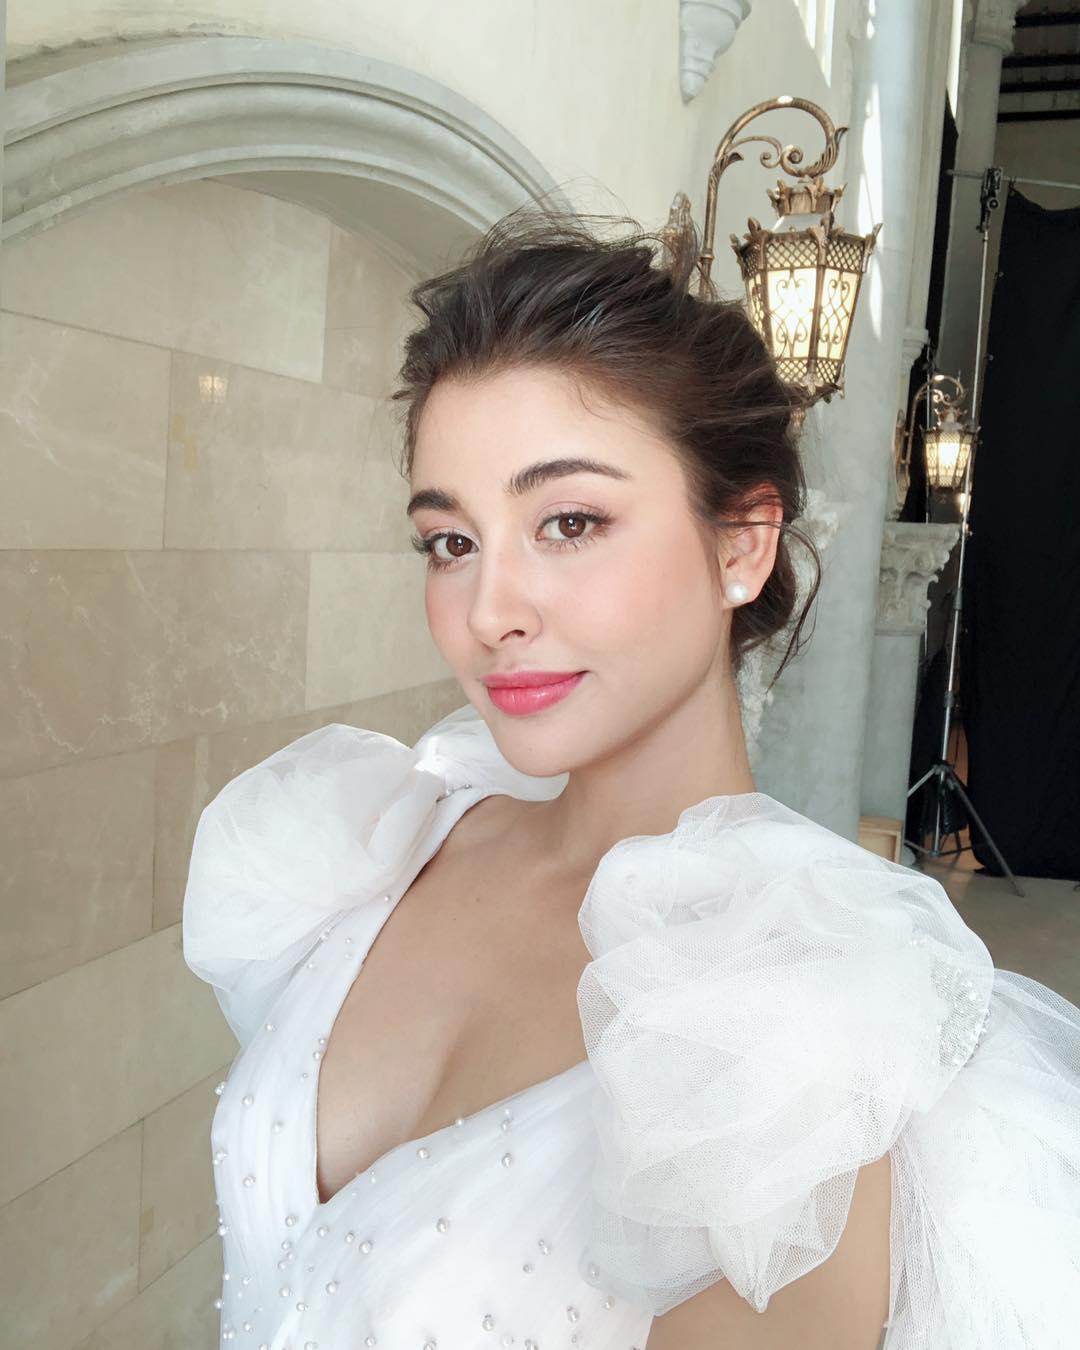 """Choáng ngợp vợ, bồ cầu thủ U23 Thái Lan: Đẹp nhất là bạn gái """"CR7 chùa Vàng"""""""